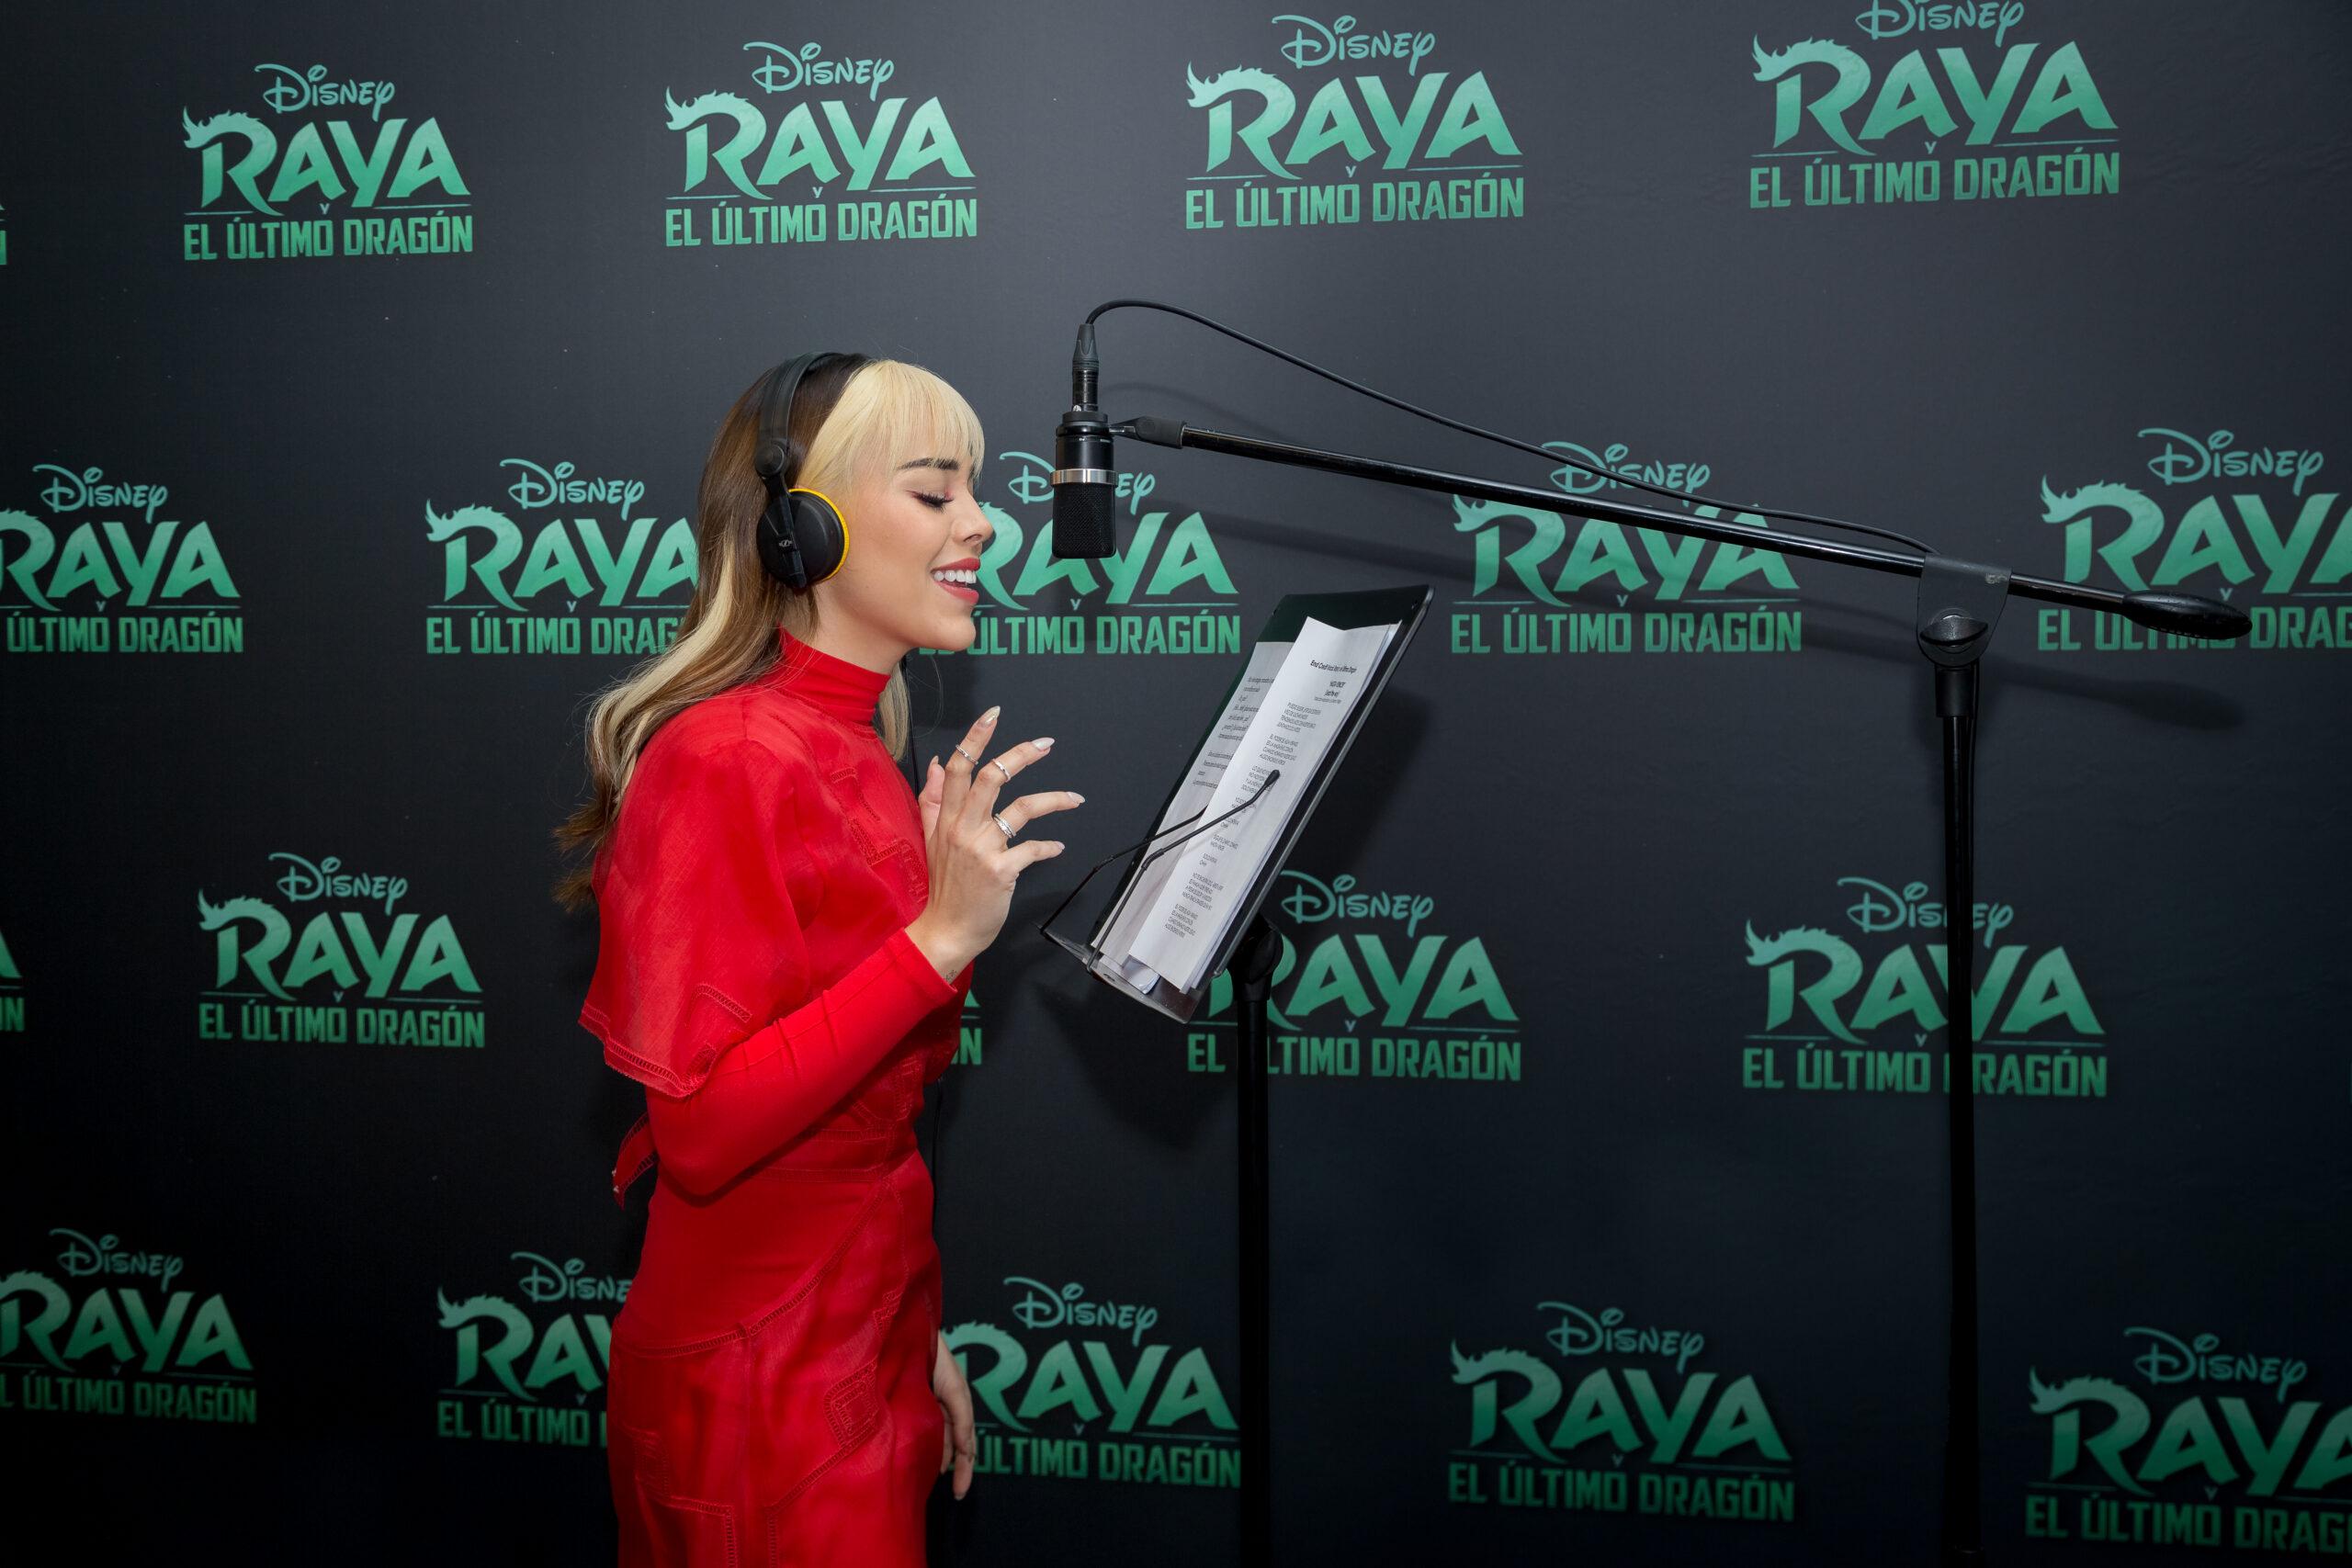 Danna Paola pondrá su voz para doblar la cinta de Disney 'Raya y el último dragón'